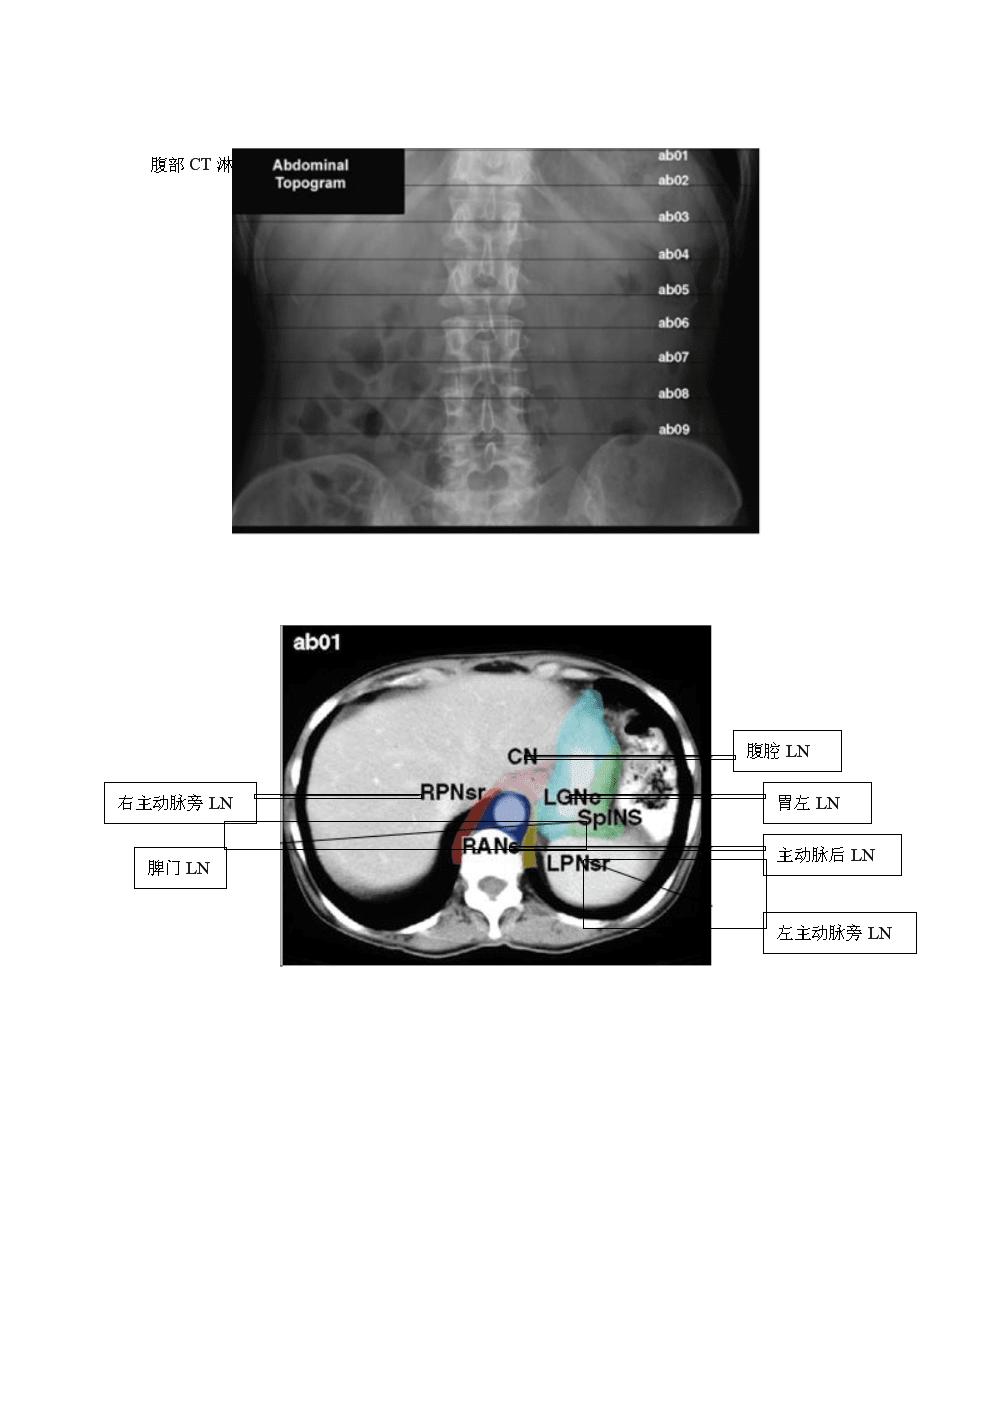 腹部CT淋巴结分区图谱(中文标注).docx